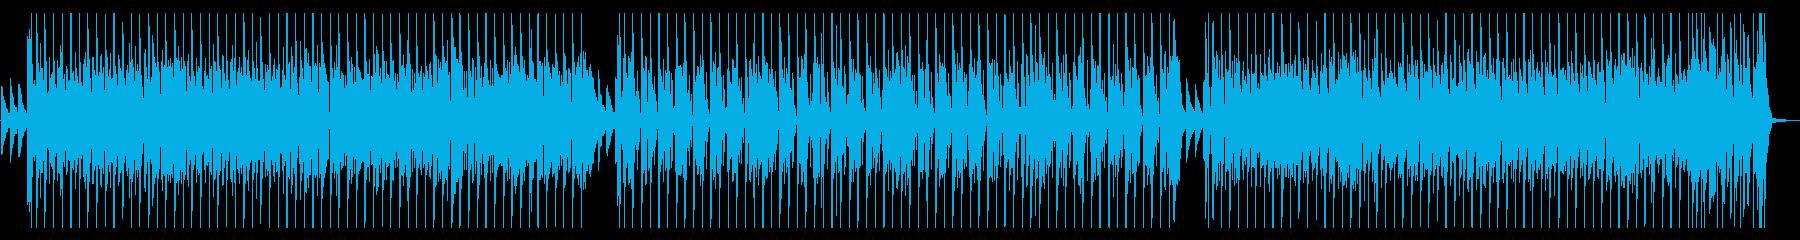 生演奏!軽快な筋トレファンクの再生済みの波形